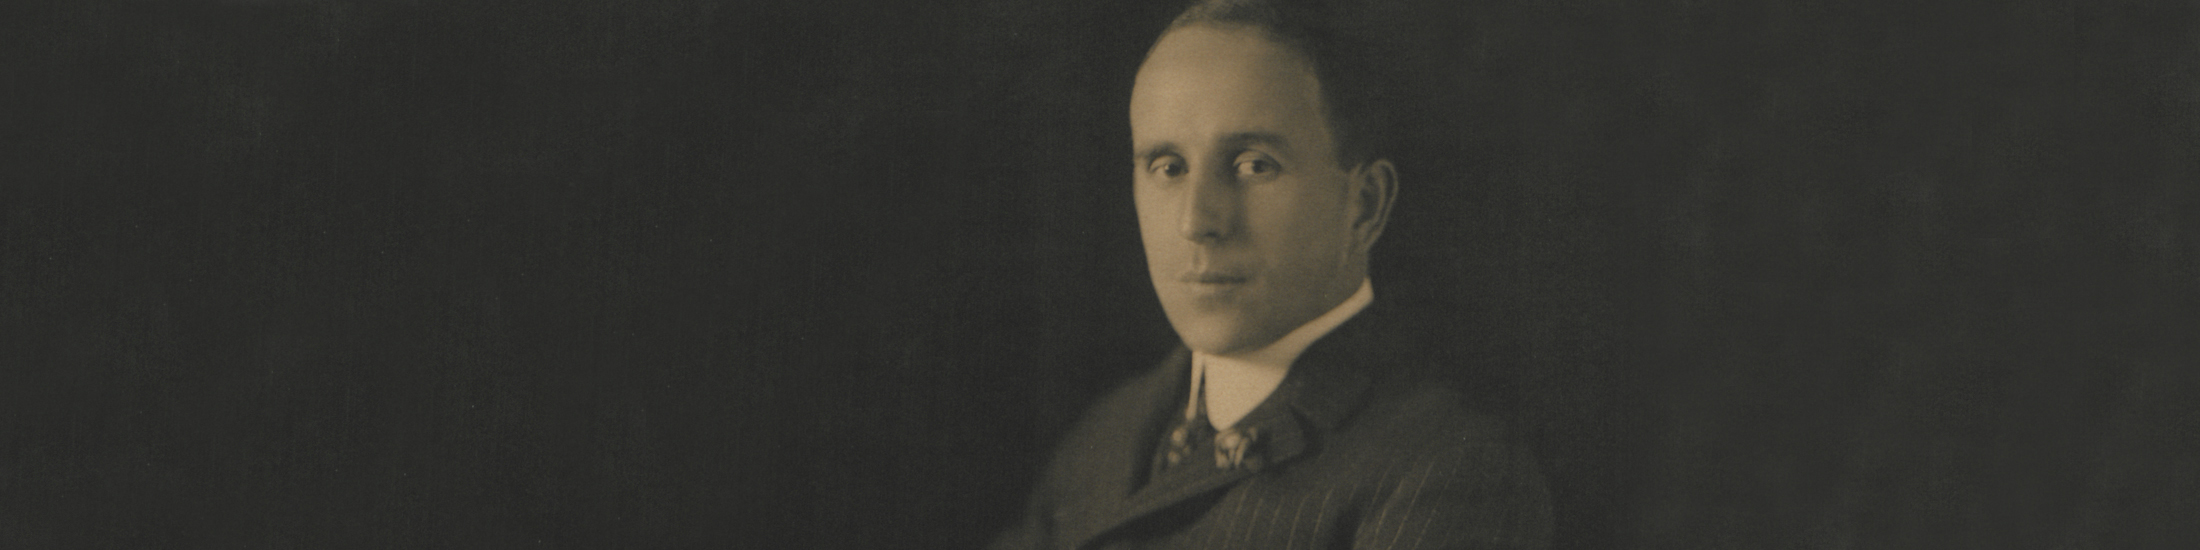 John Raskob